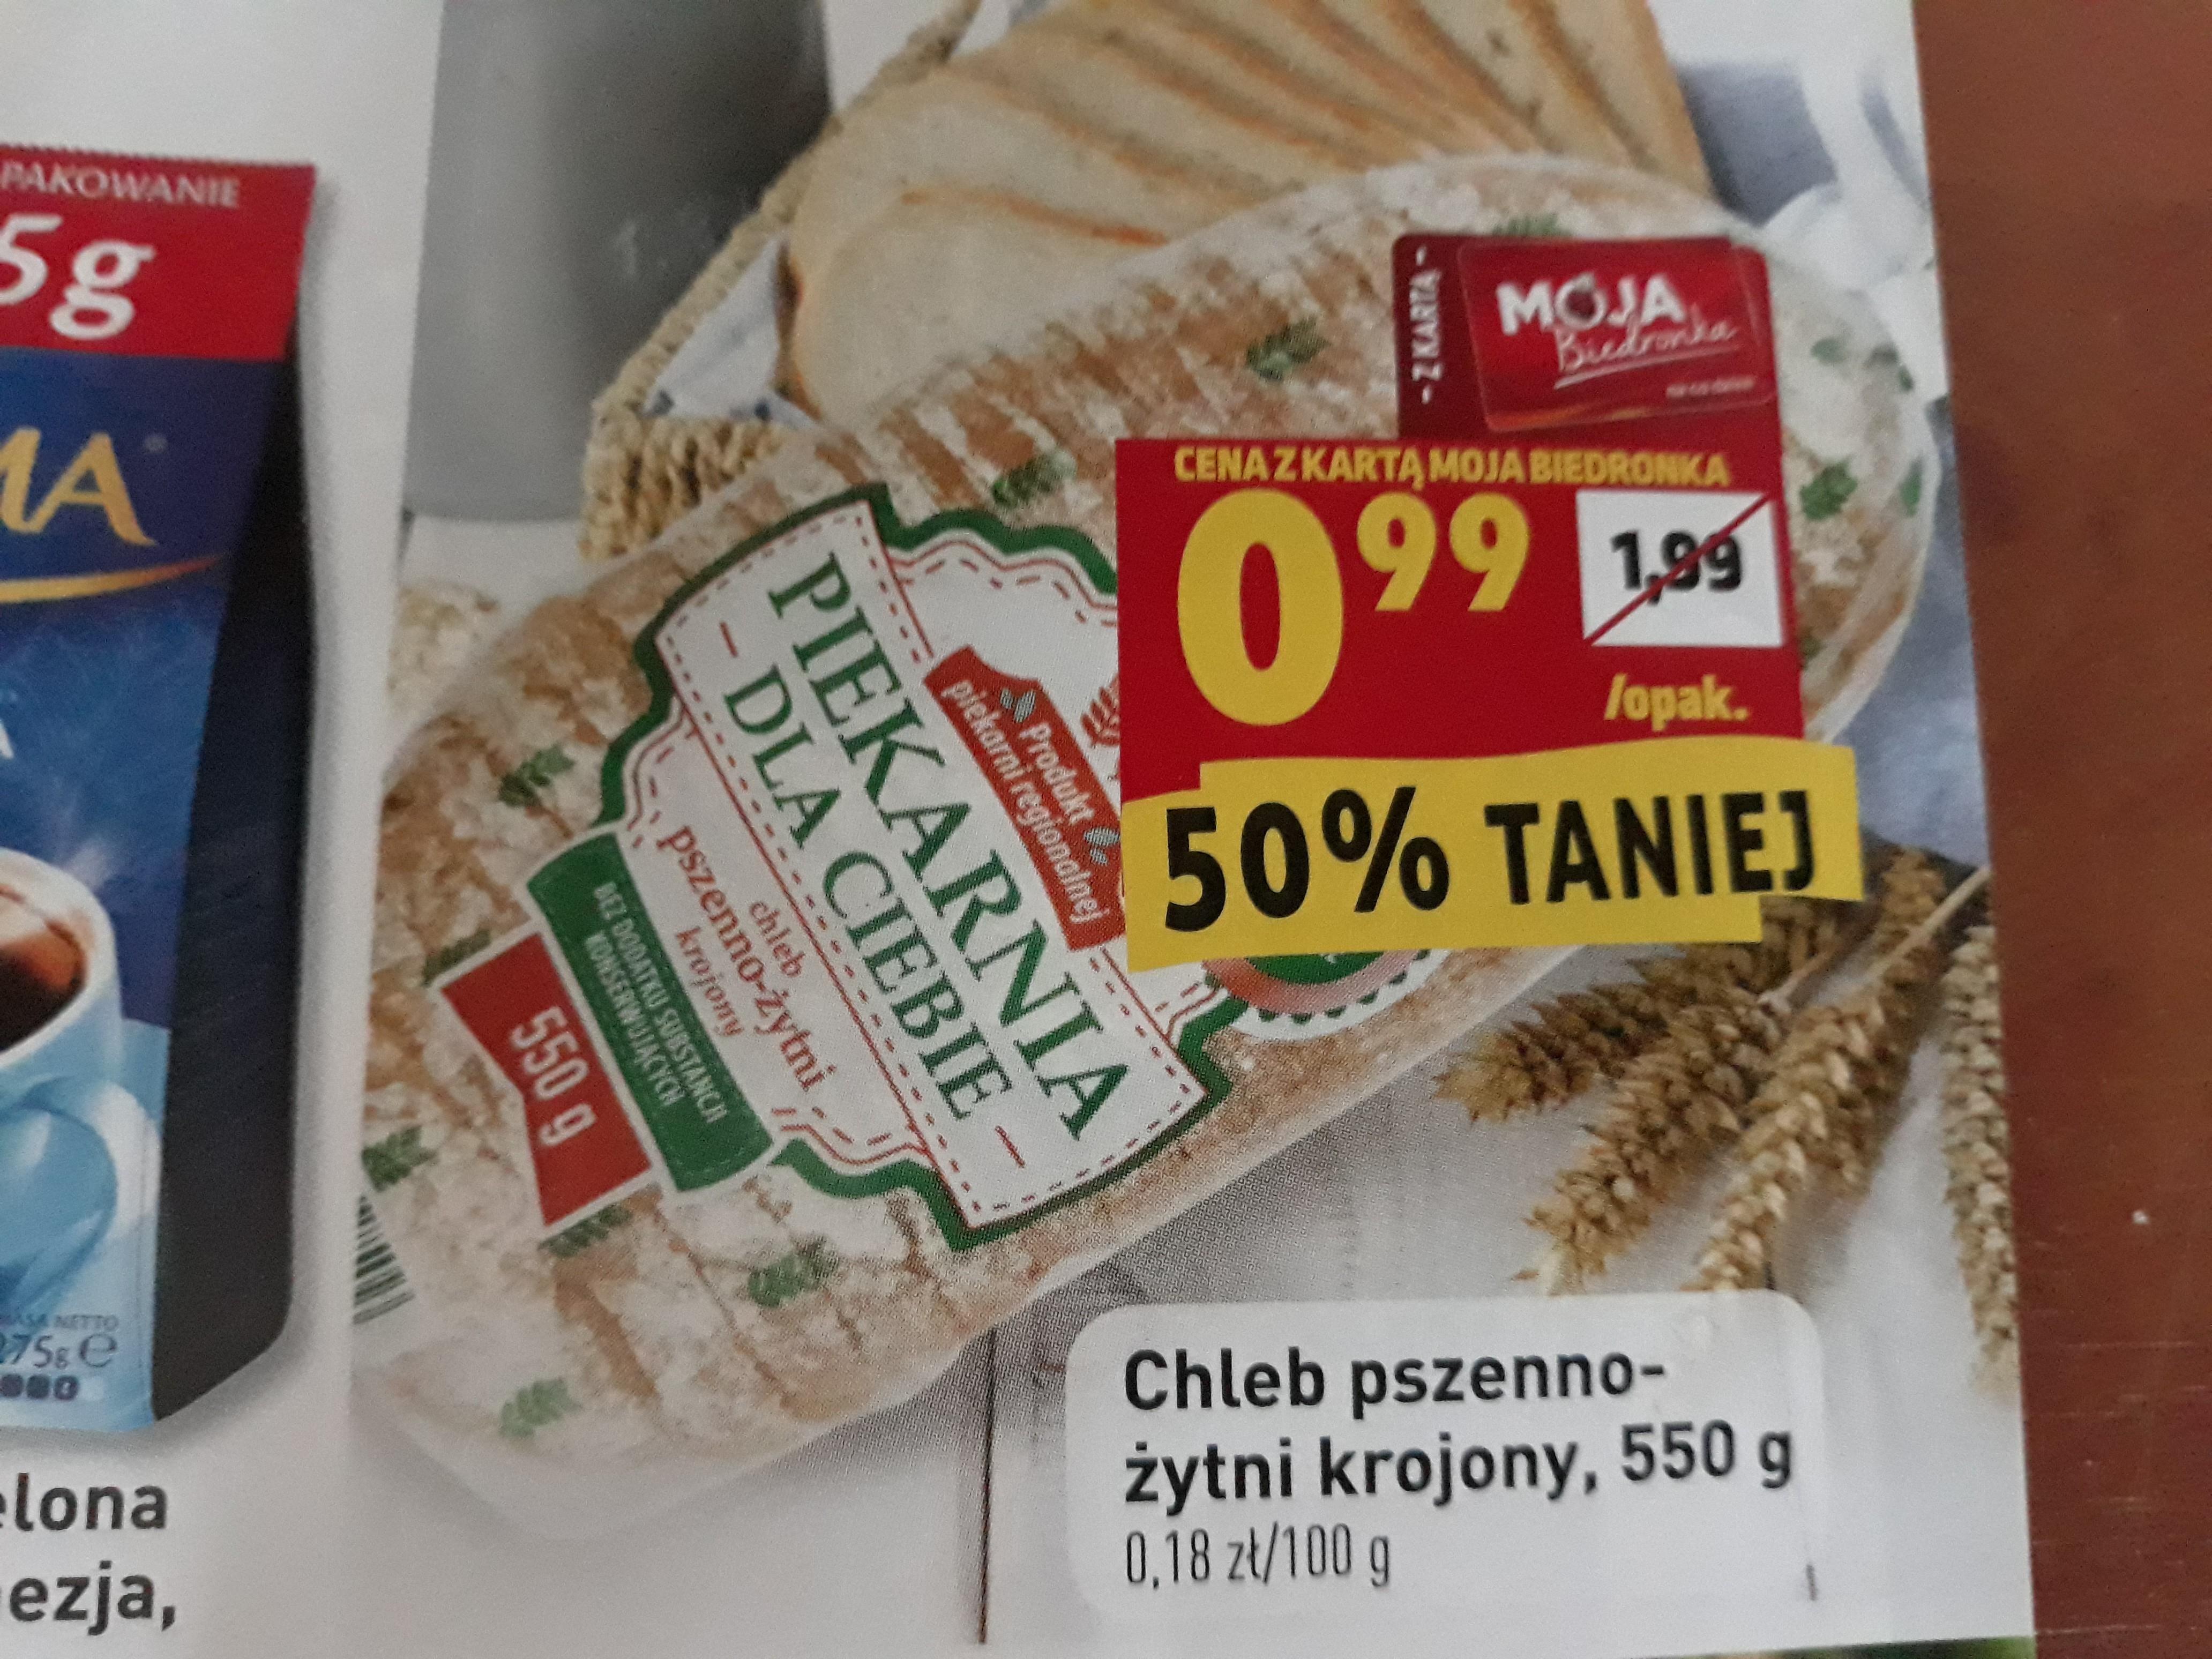 Chleb pszenno-żytni krojony - Biedronka Więcbork